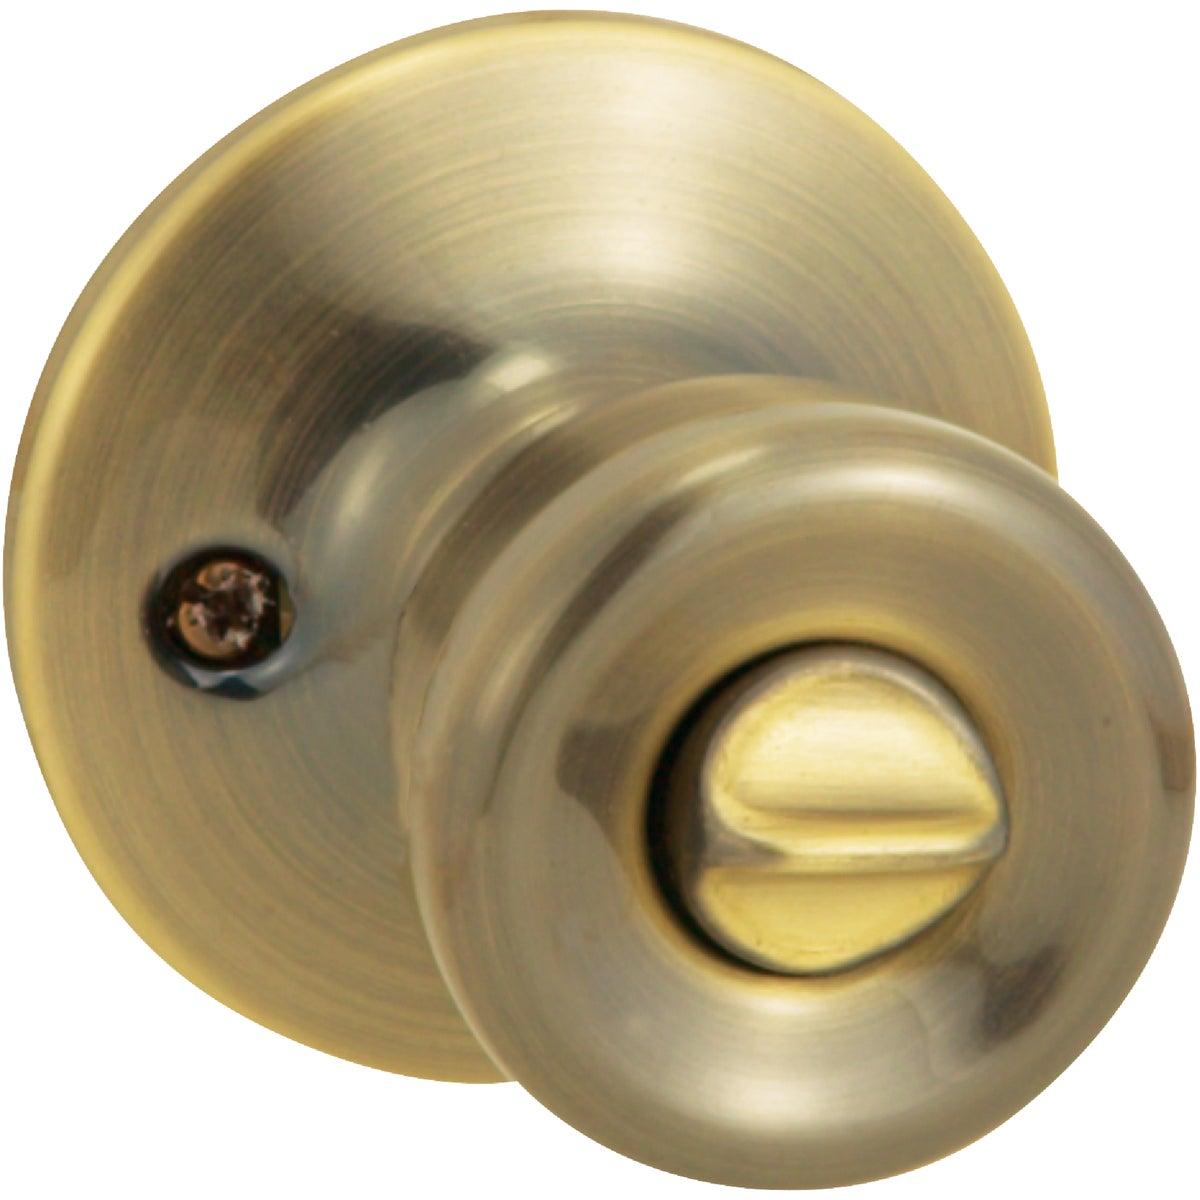 AB CP TULIP PRIVACY LOCK